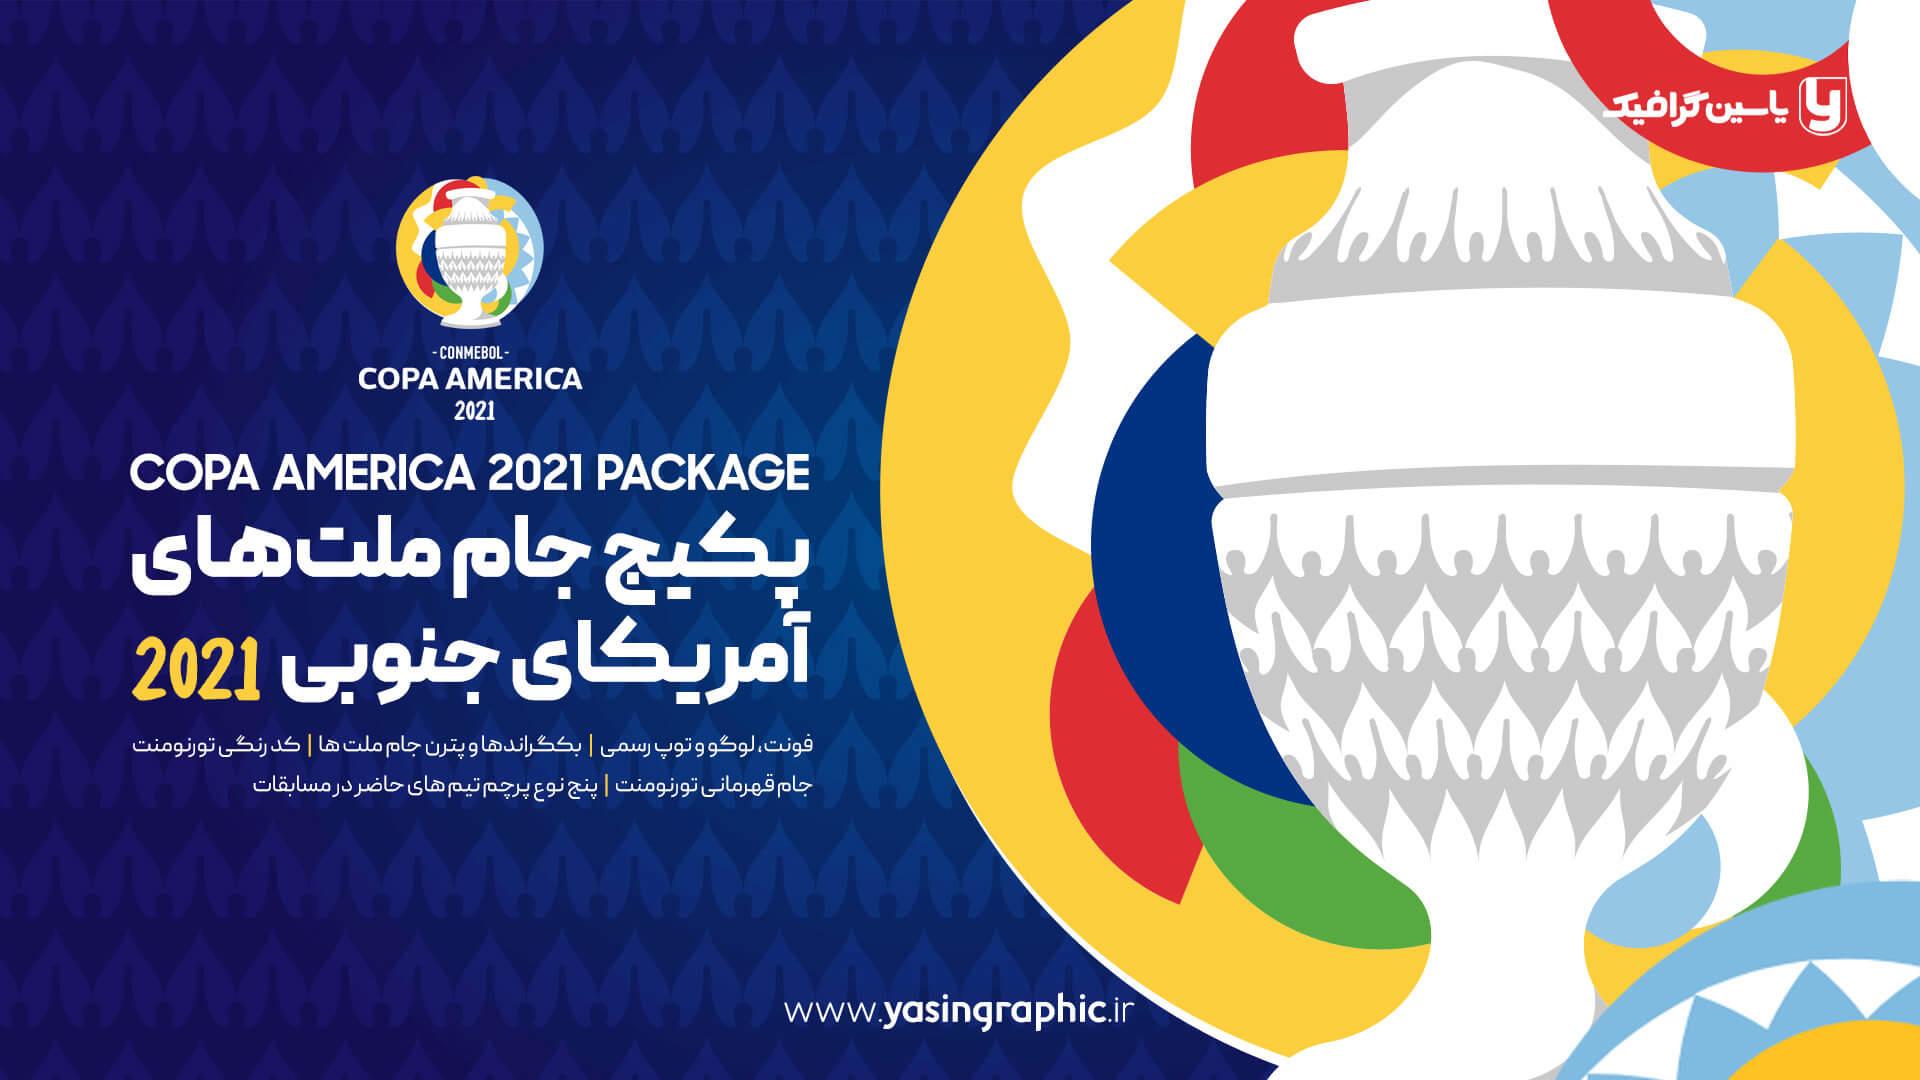 پکیج جام ملت های آمریکای جنوبی 2021